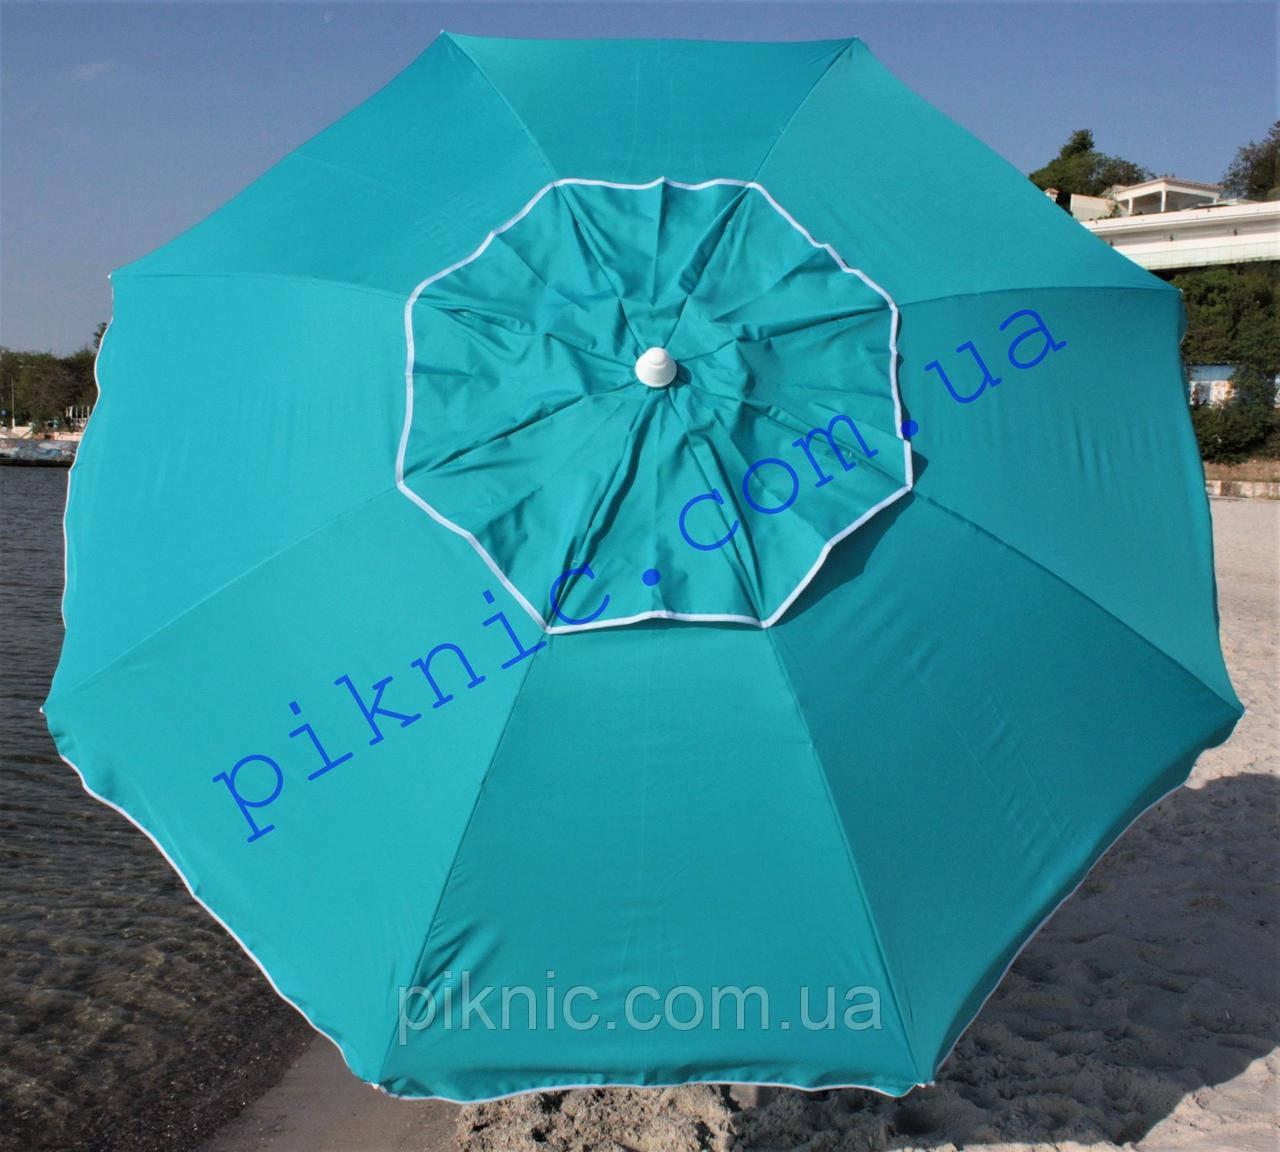 Пляжный зонт 2 м клапан и наклон. Плотная ткань. Тканевый чехол. Зонтик для пляжа от солнца. Бирюза